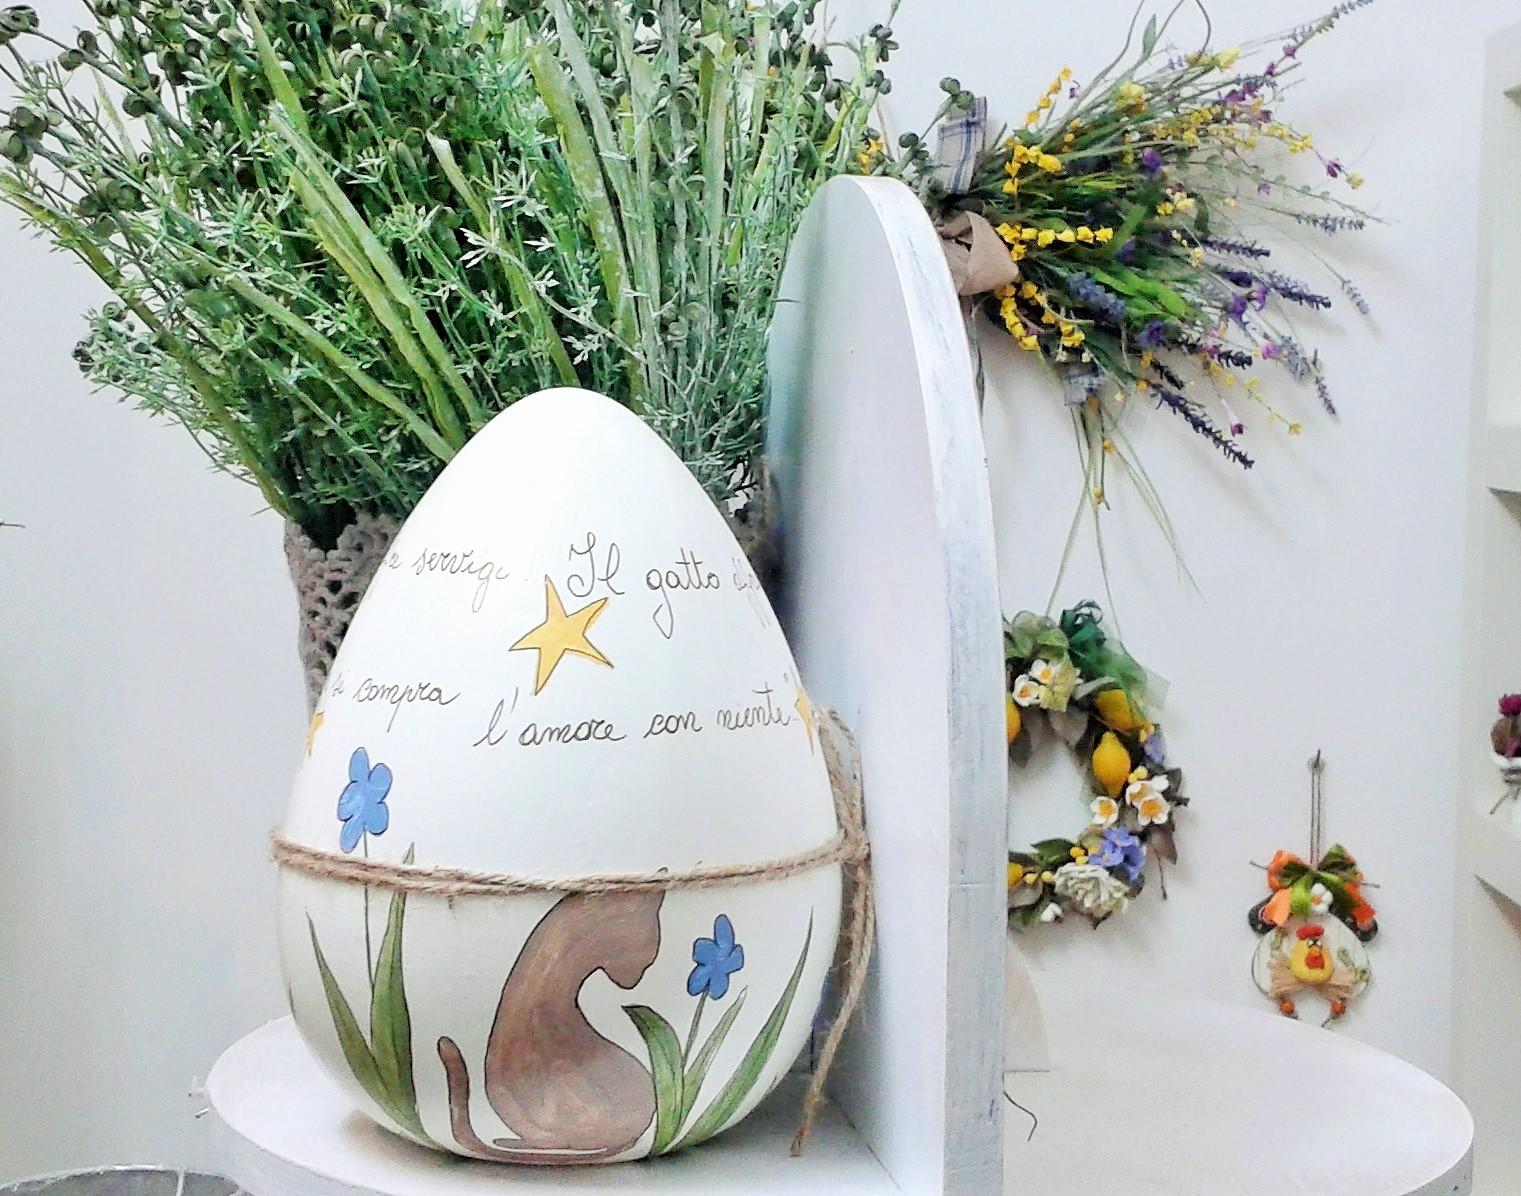 Uovo di pasqua in ceramica gattacicovagattacicova - Uova di pasqua decorati ...